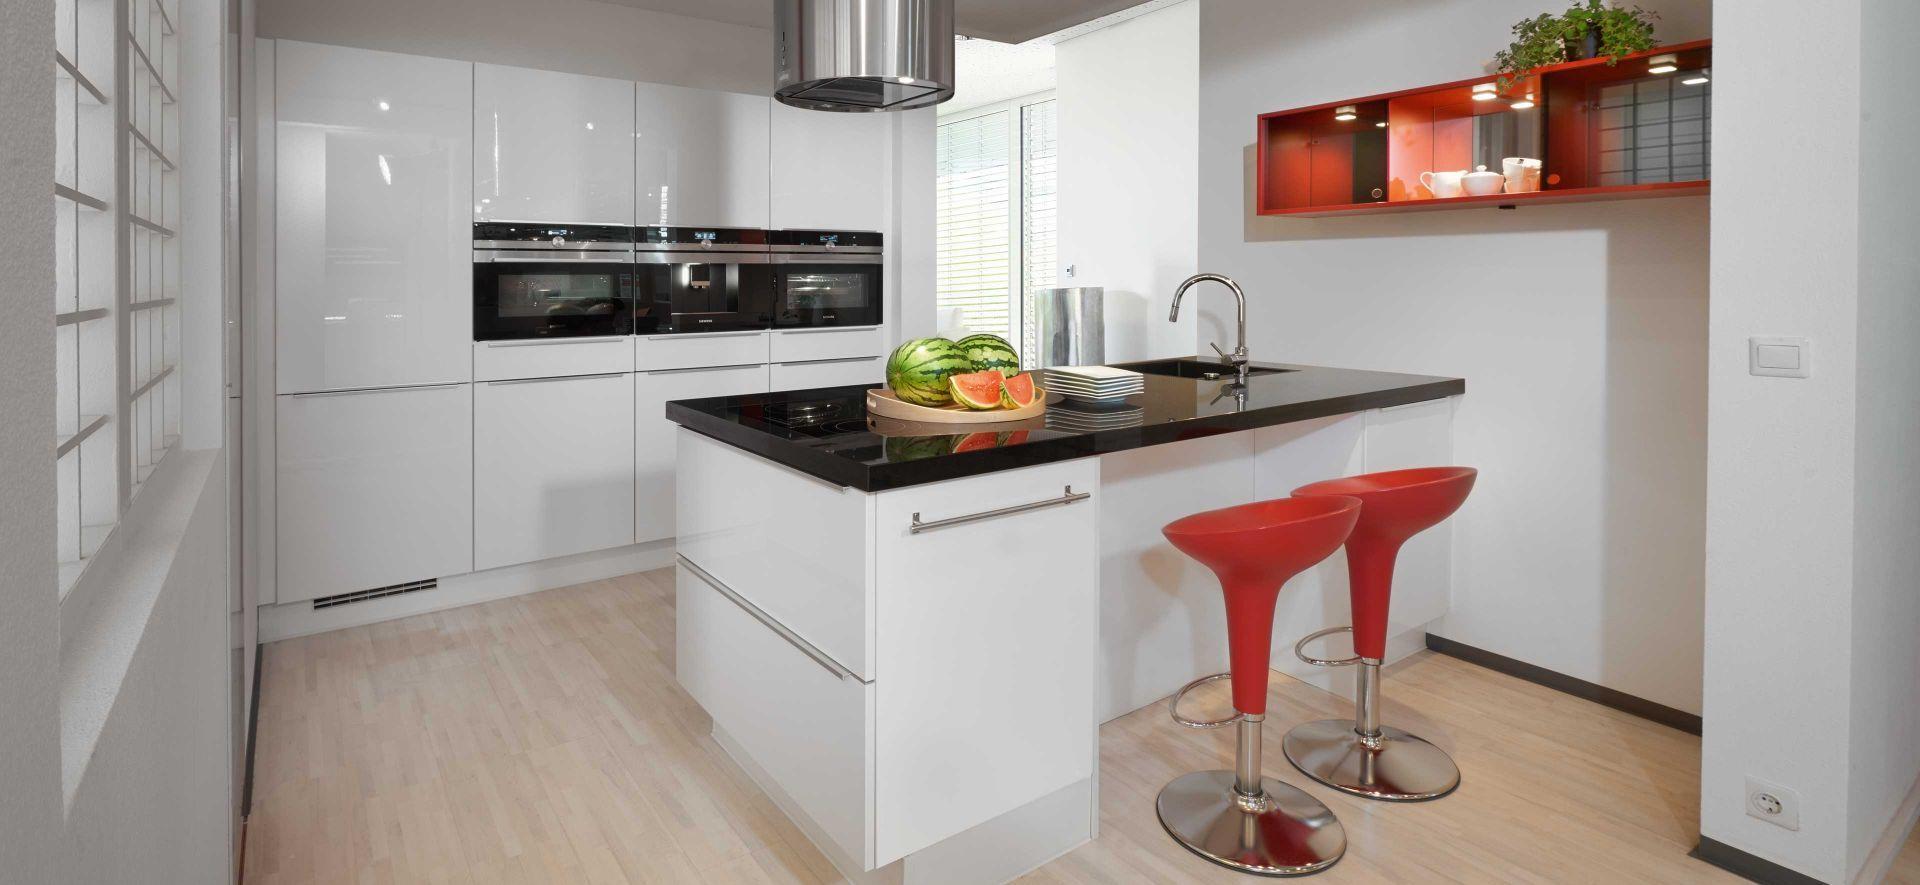 Marquardt küchen essen  Design Inselküche Flash weiß mit Nero Assoluto – Marquardt Küchen ...